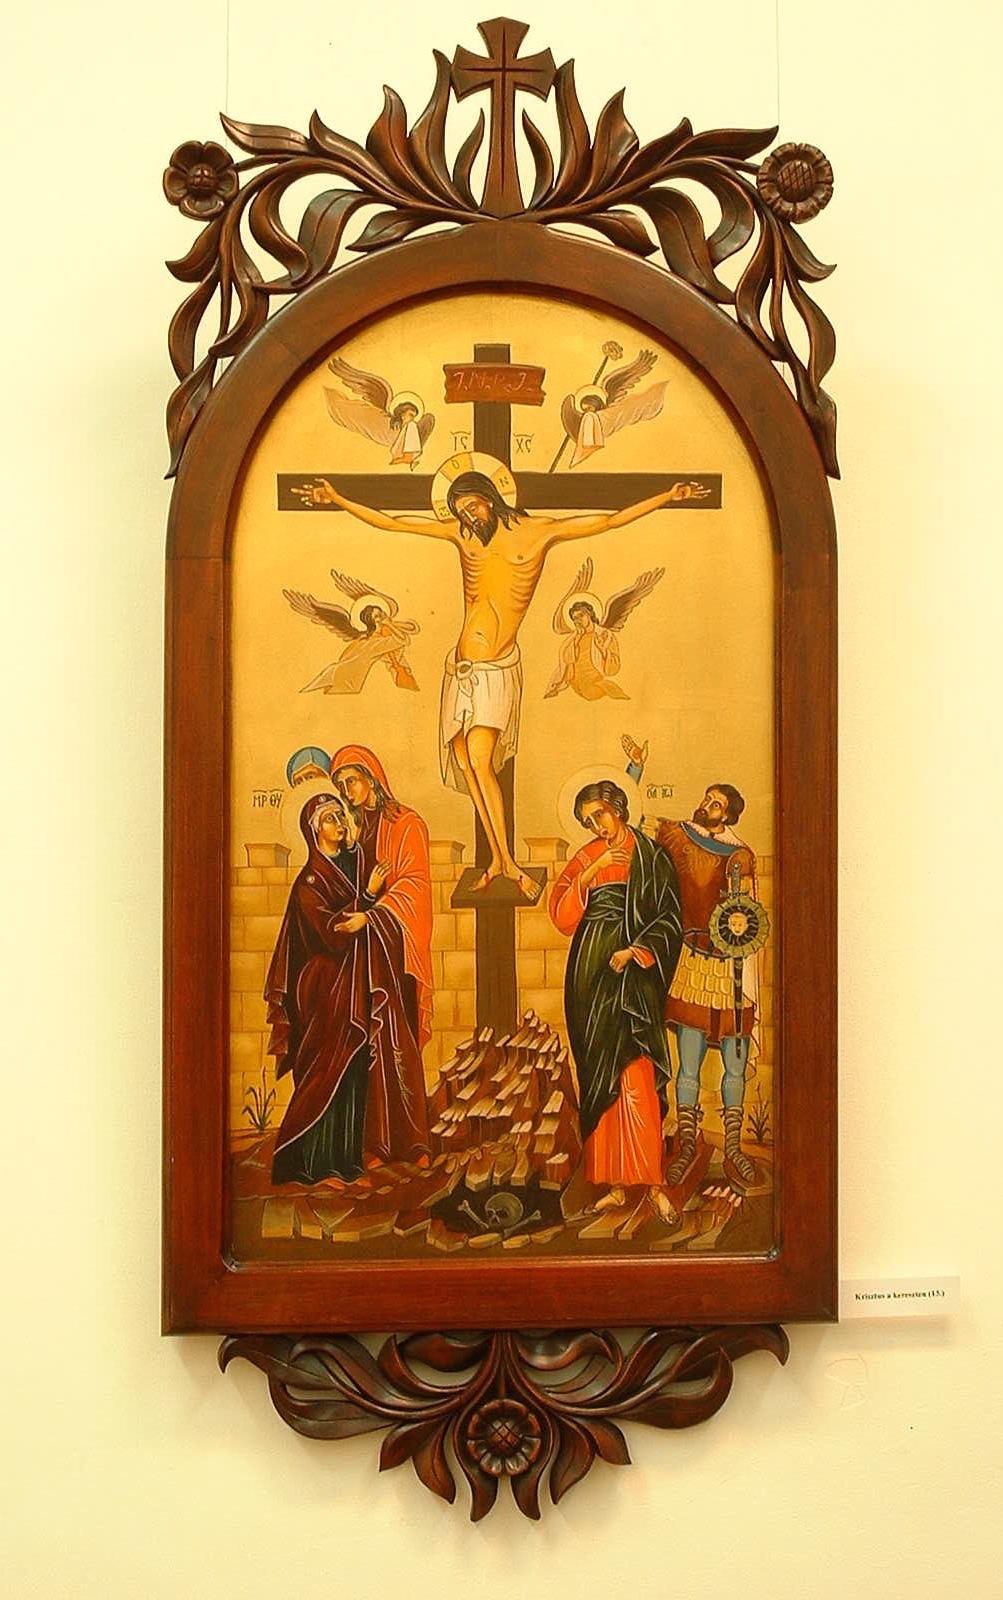 Krisztus a kereszten